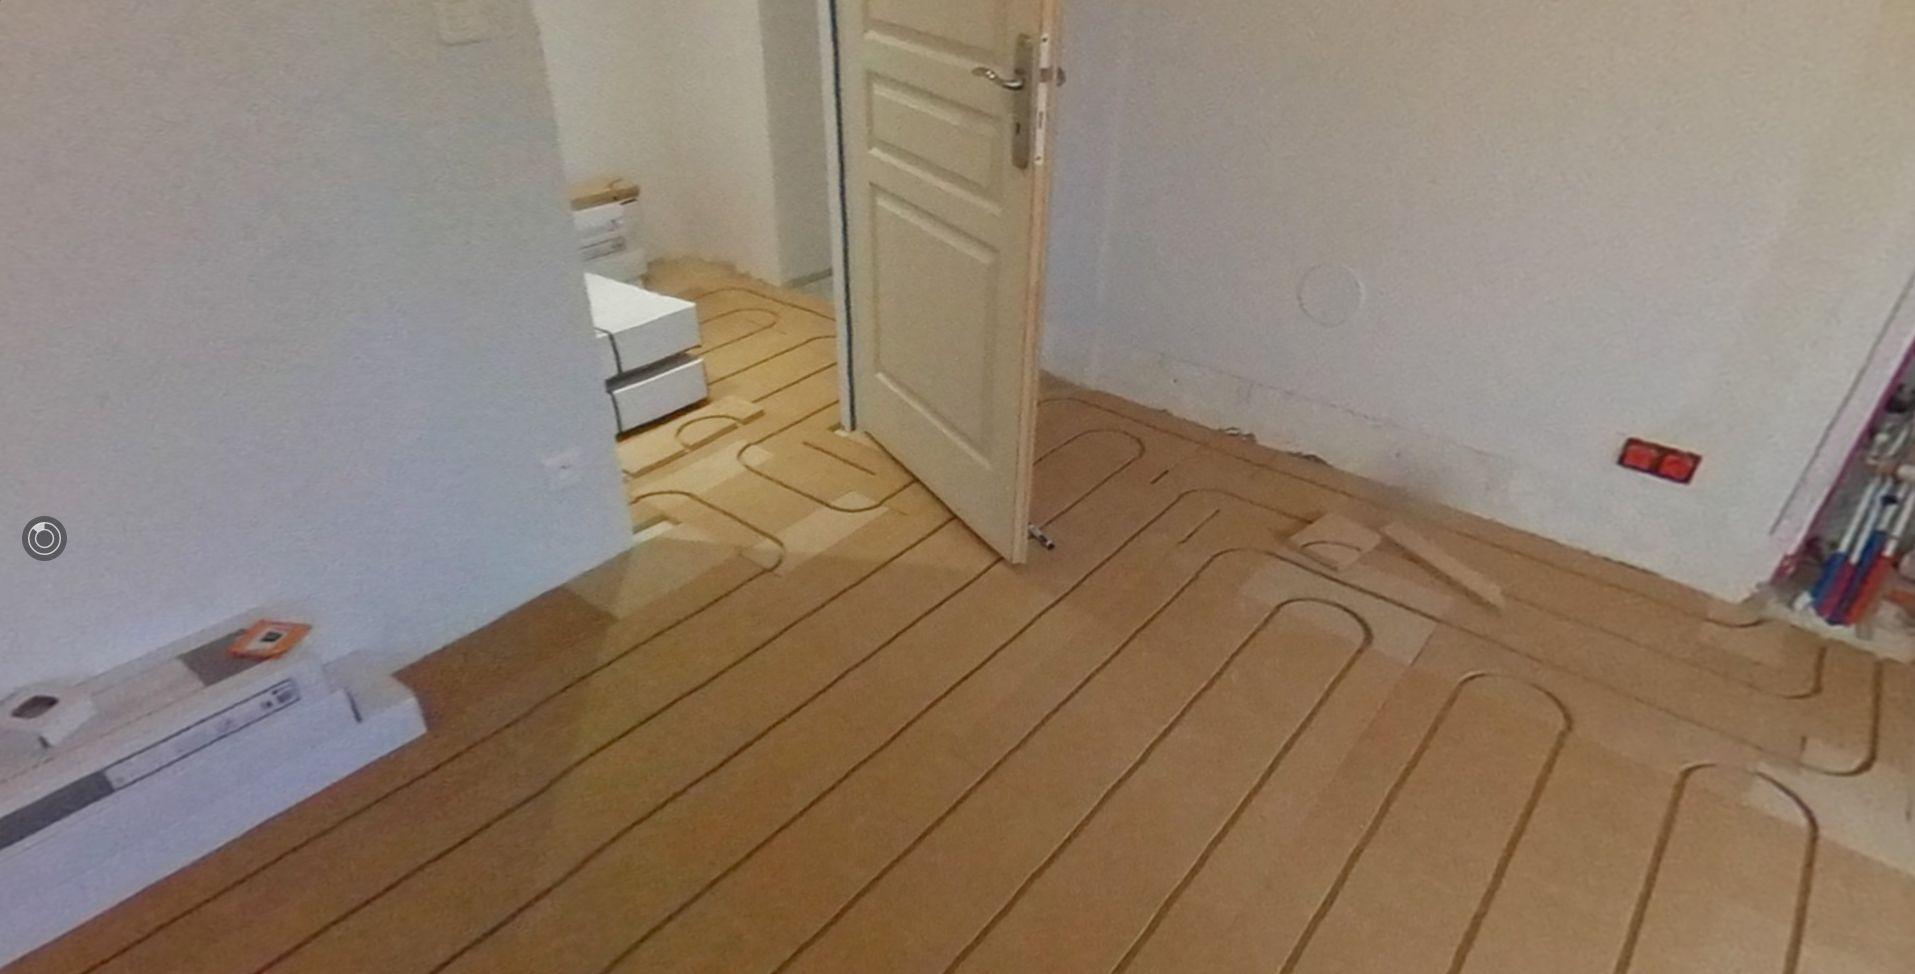 Pose plaque de fibre de bois spécial insonorisant et travaux de rénovation